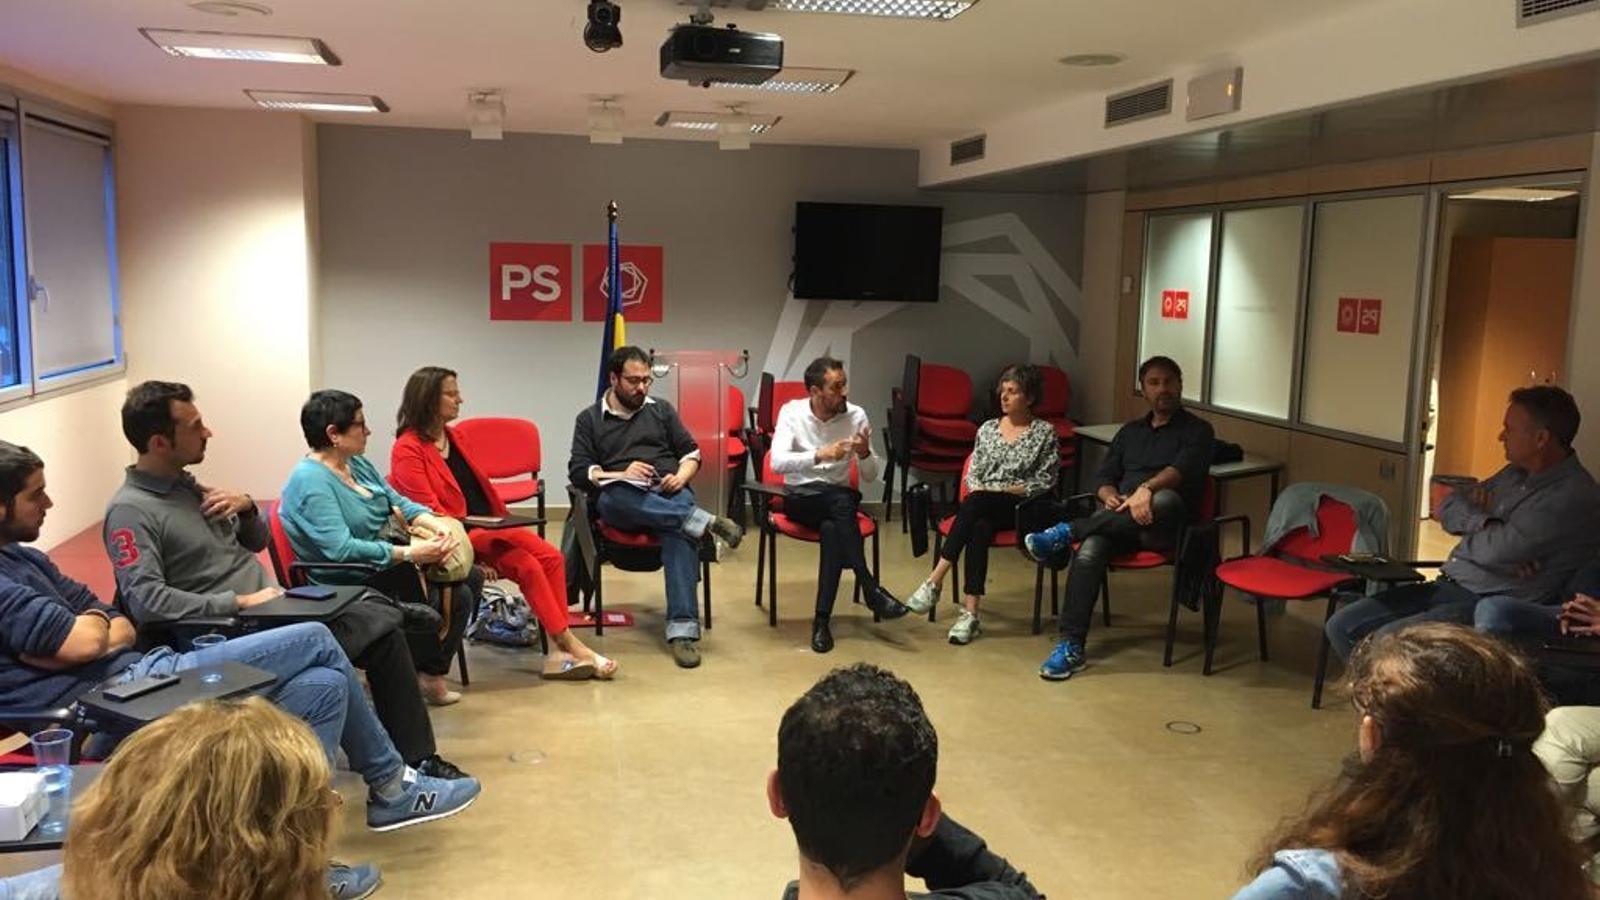 El comitè directiu del PS reunit. / PS